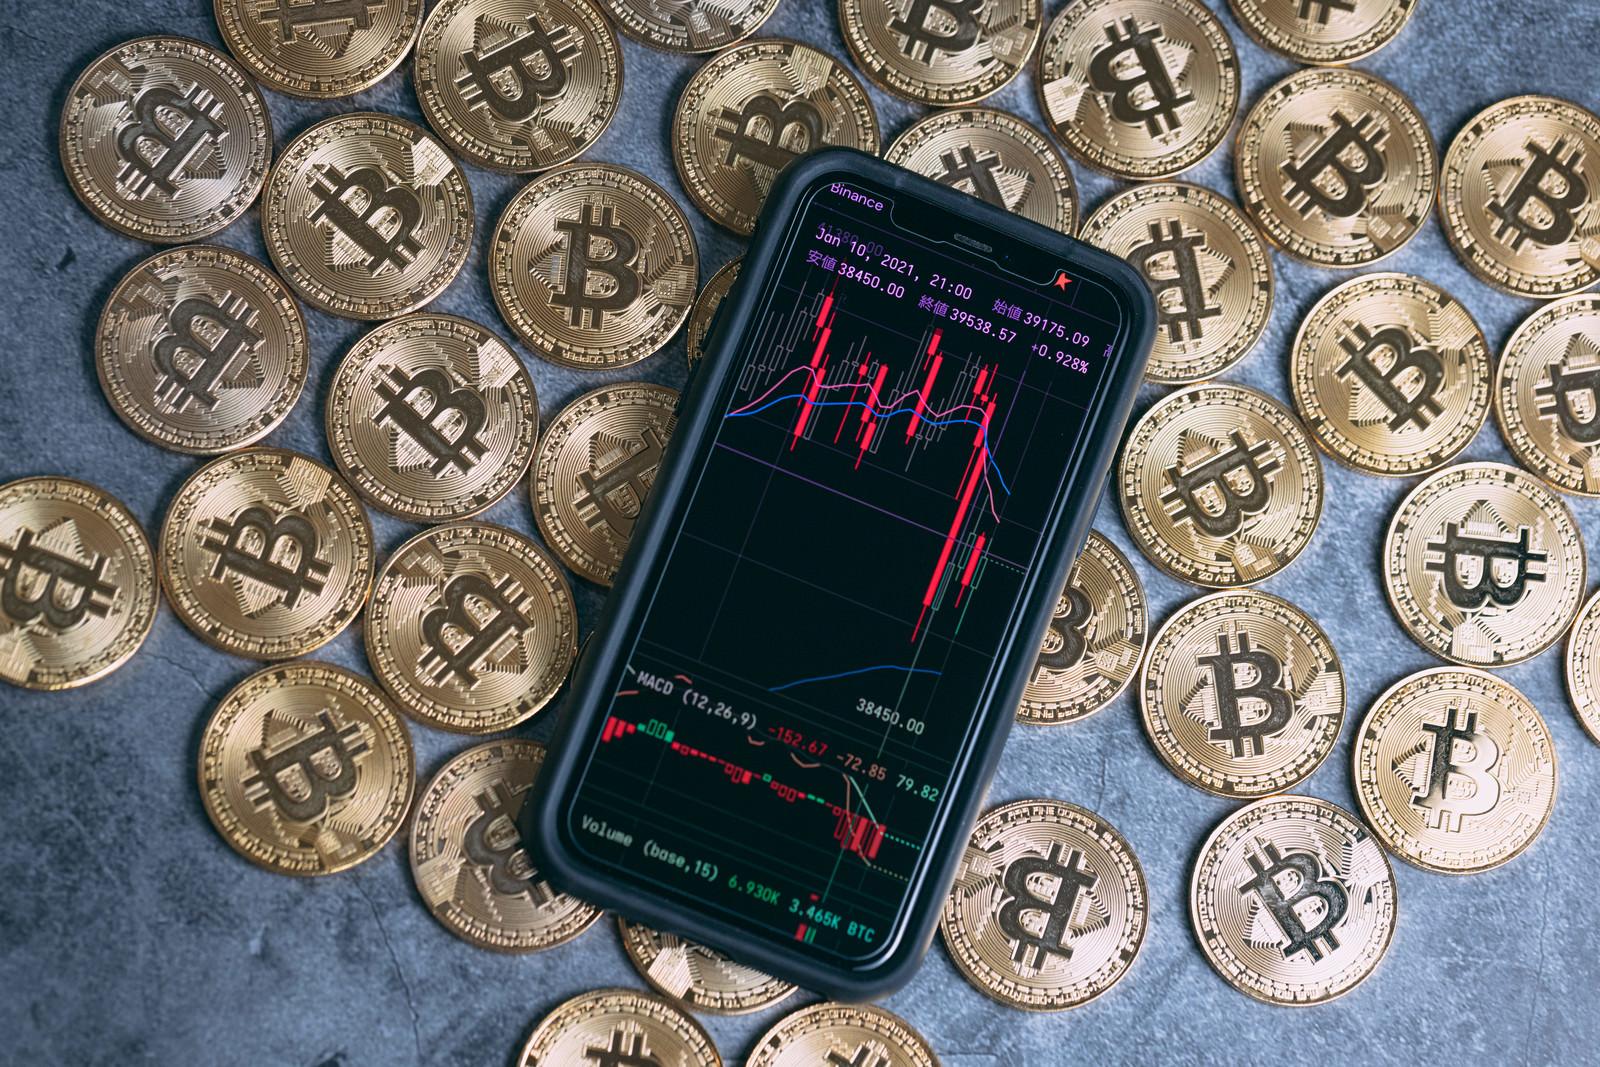 「ビットコインと大暴落チャート」の写真